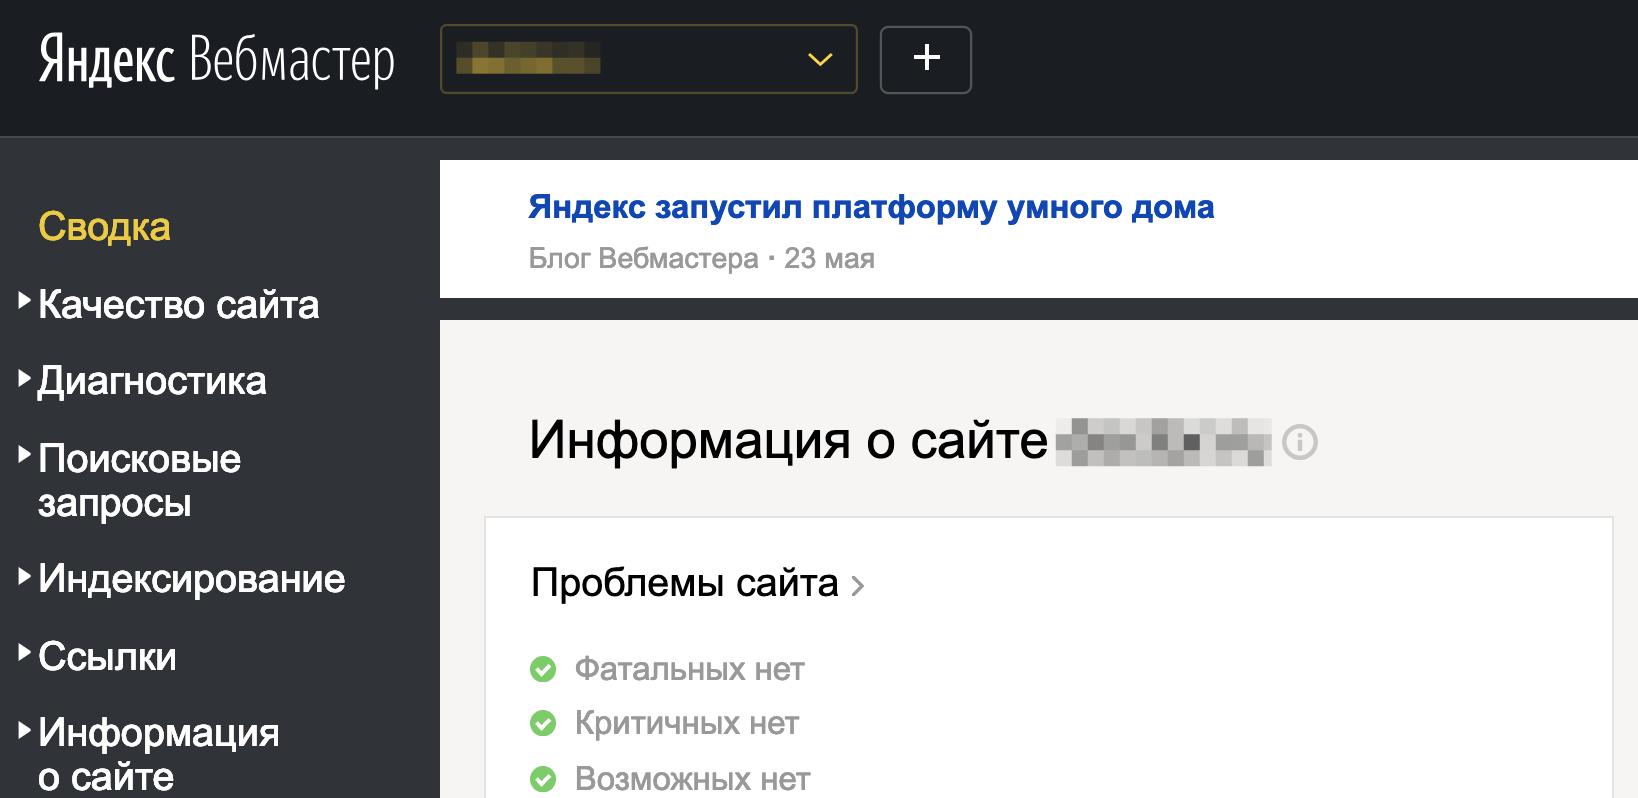 Яндекс.Вебмастер добавил в разделы заметки о последних обновлениях